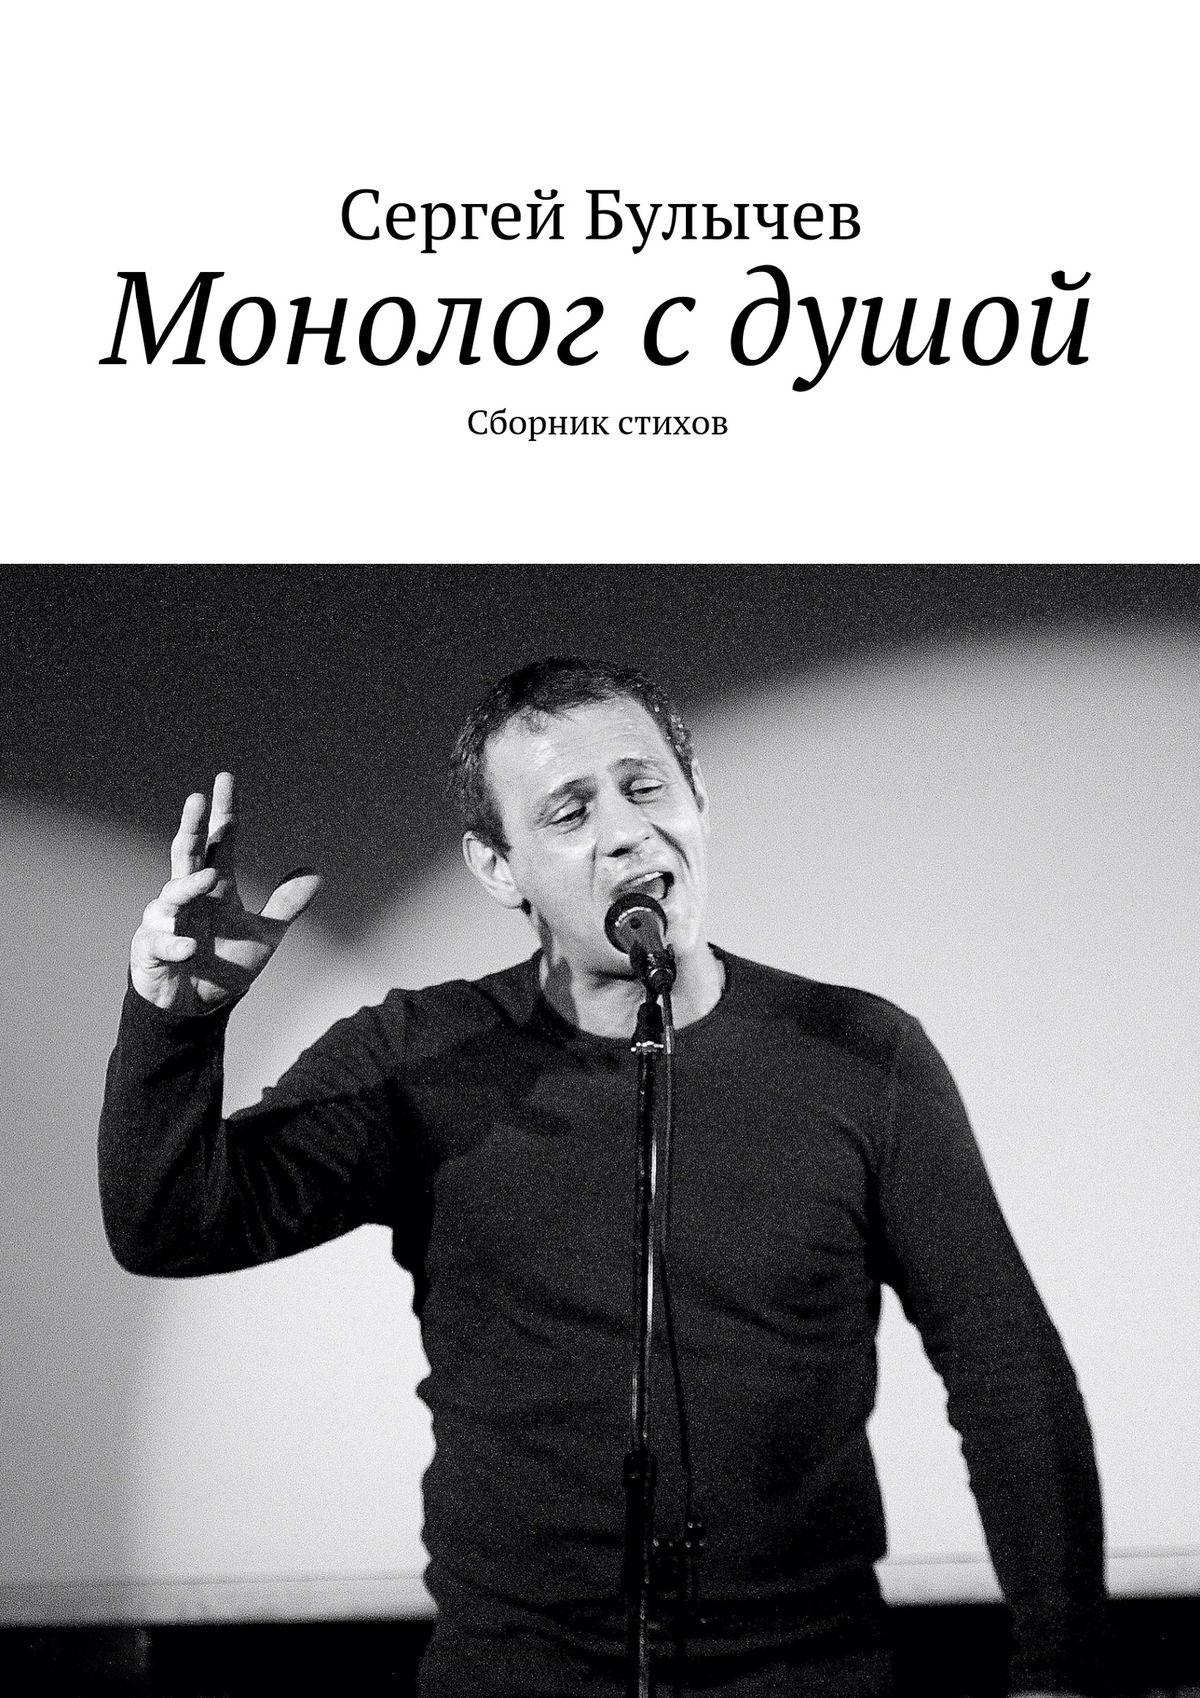 Монолог сдушой. Сборник стихов